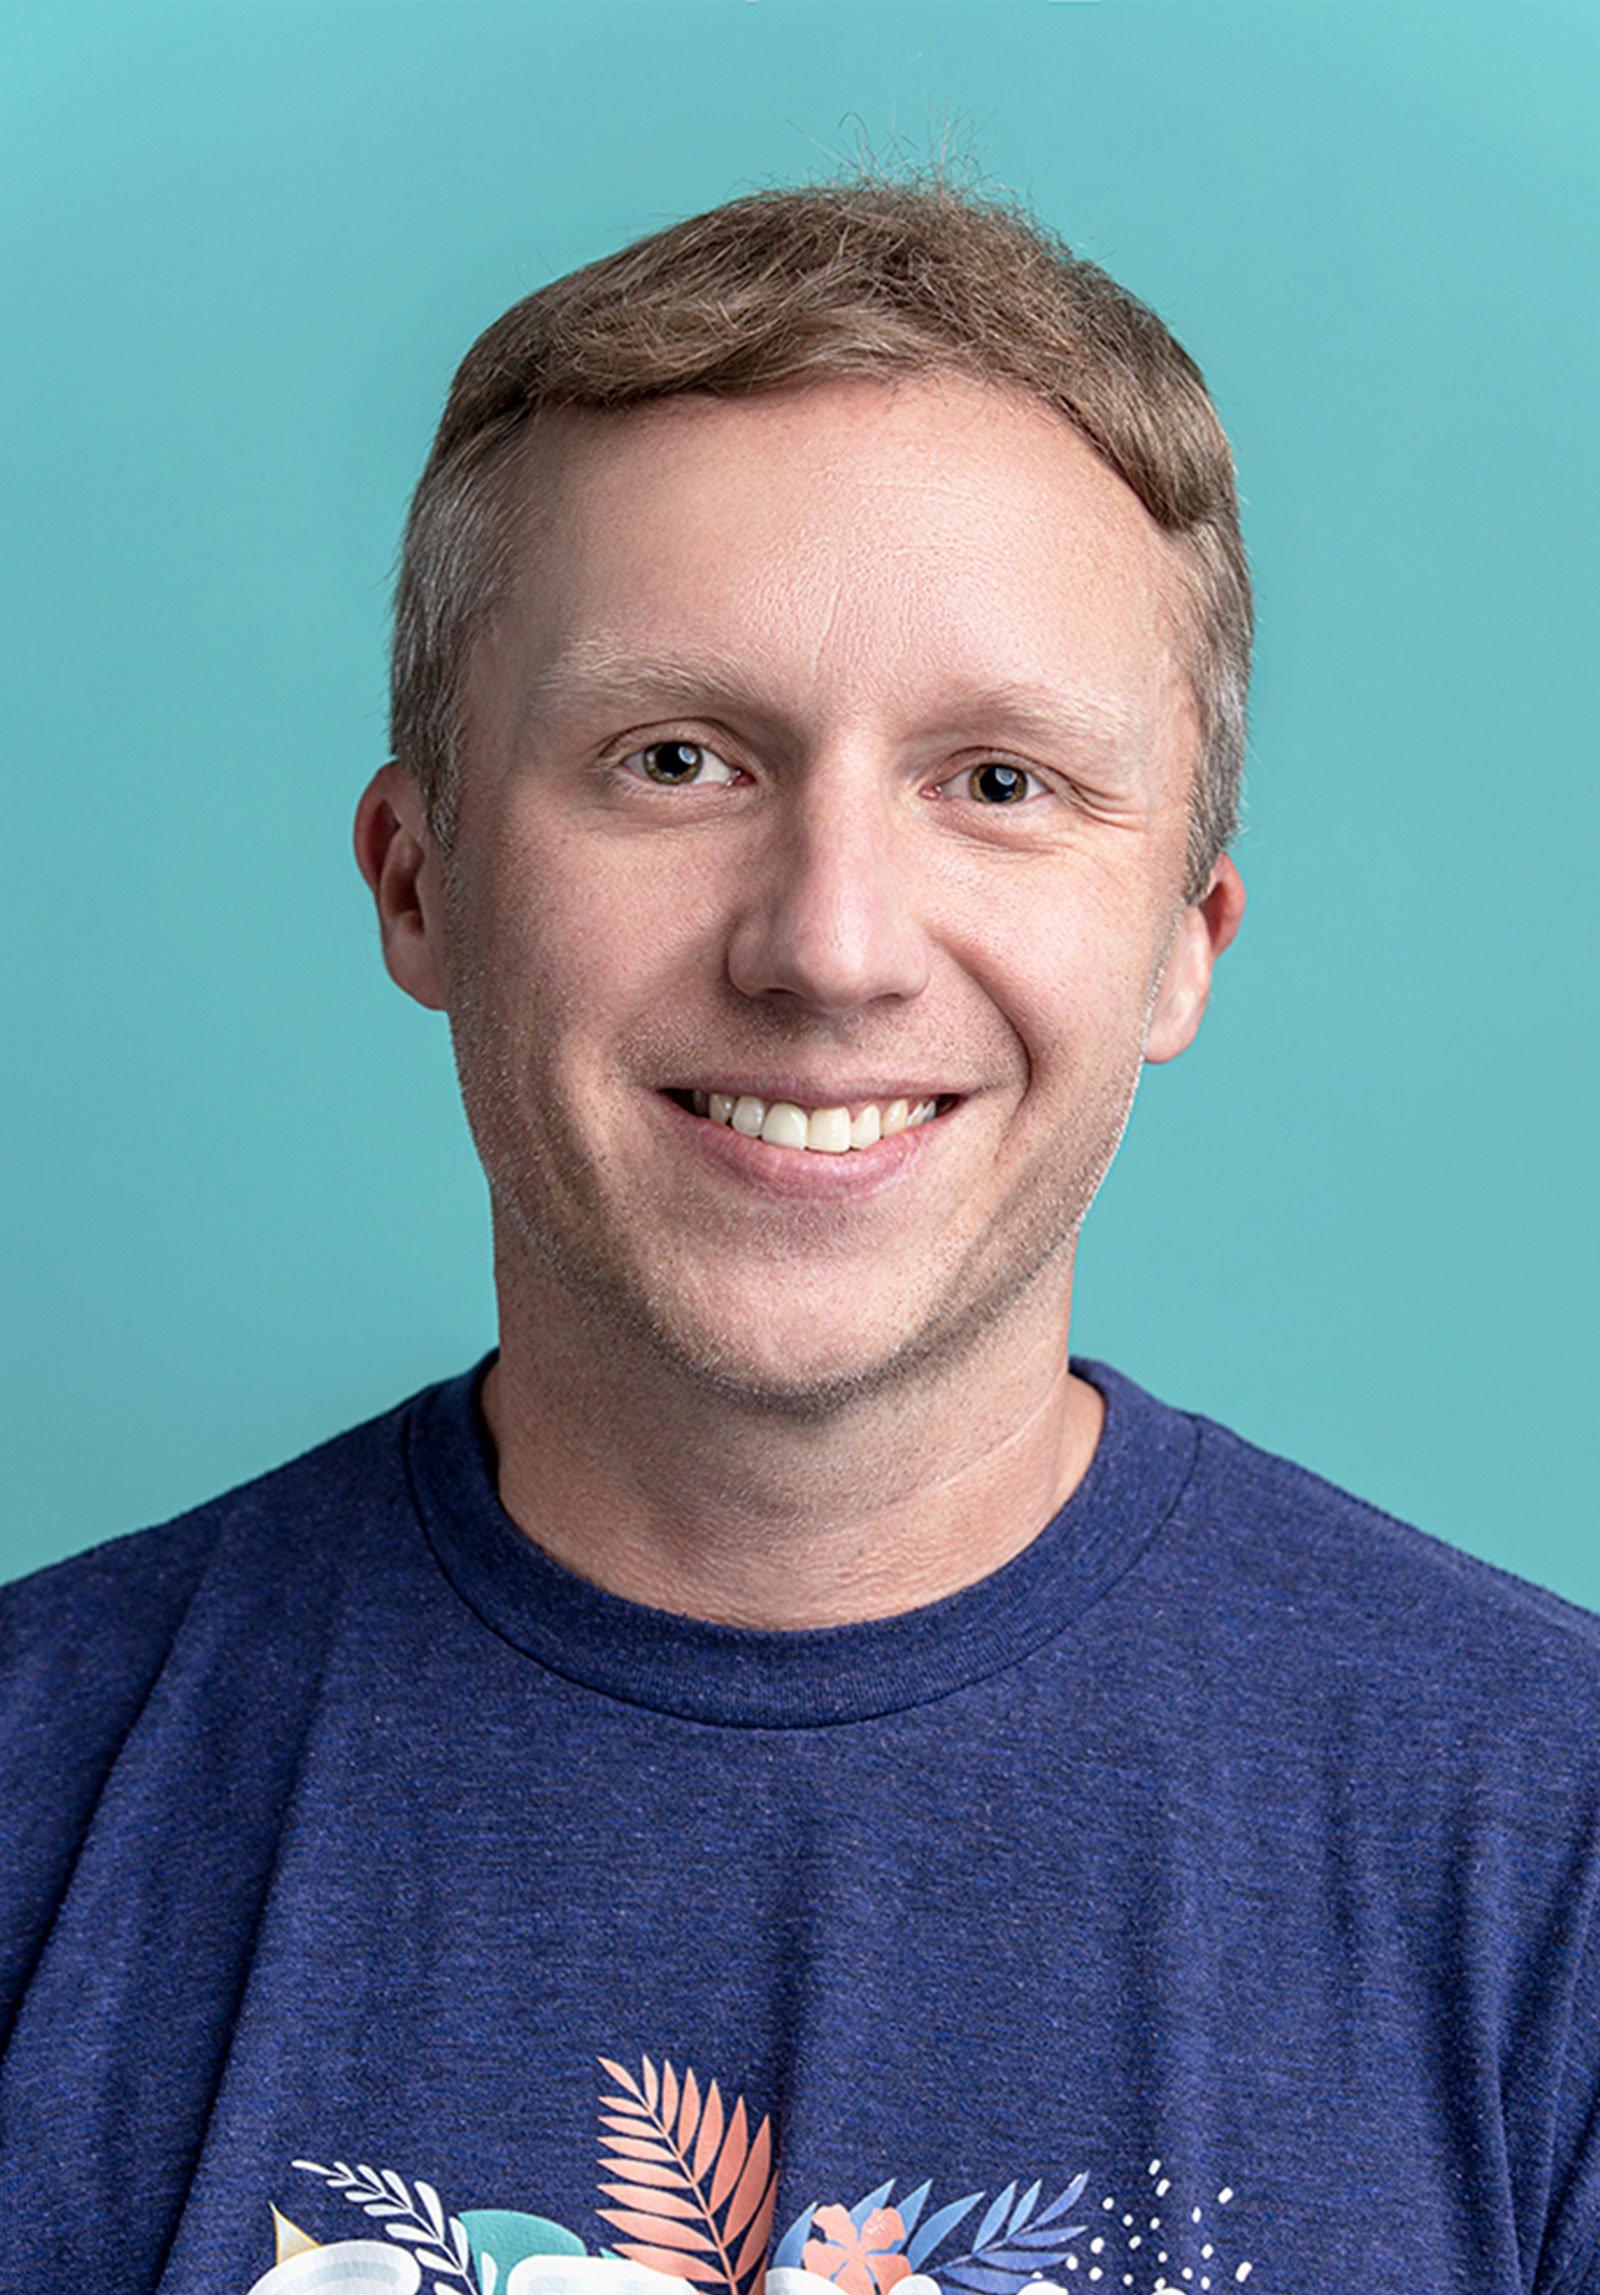 Bryan Koegel Headshot